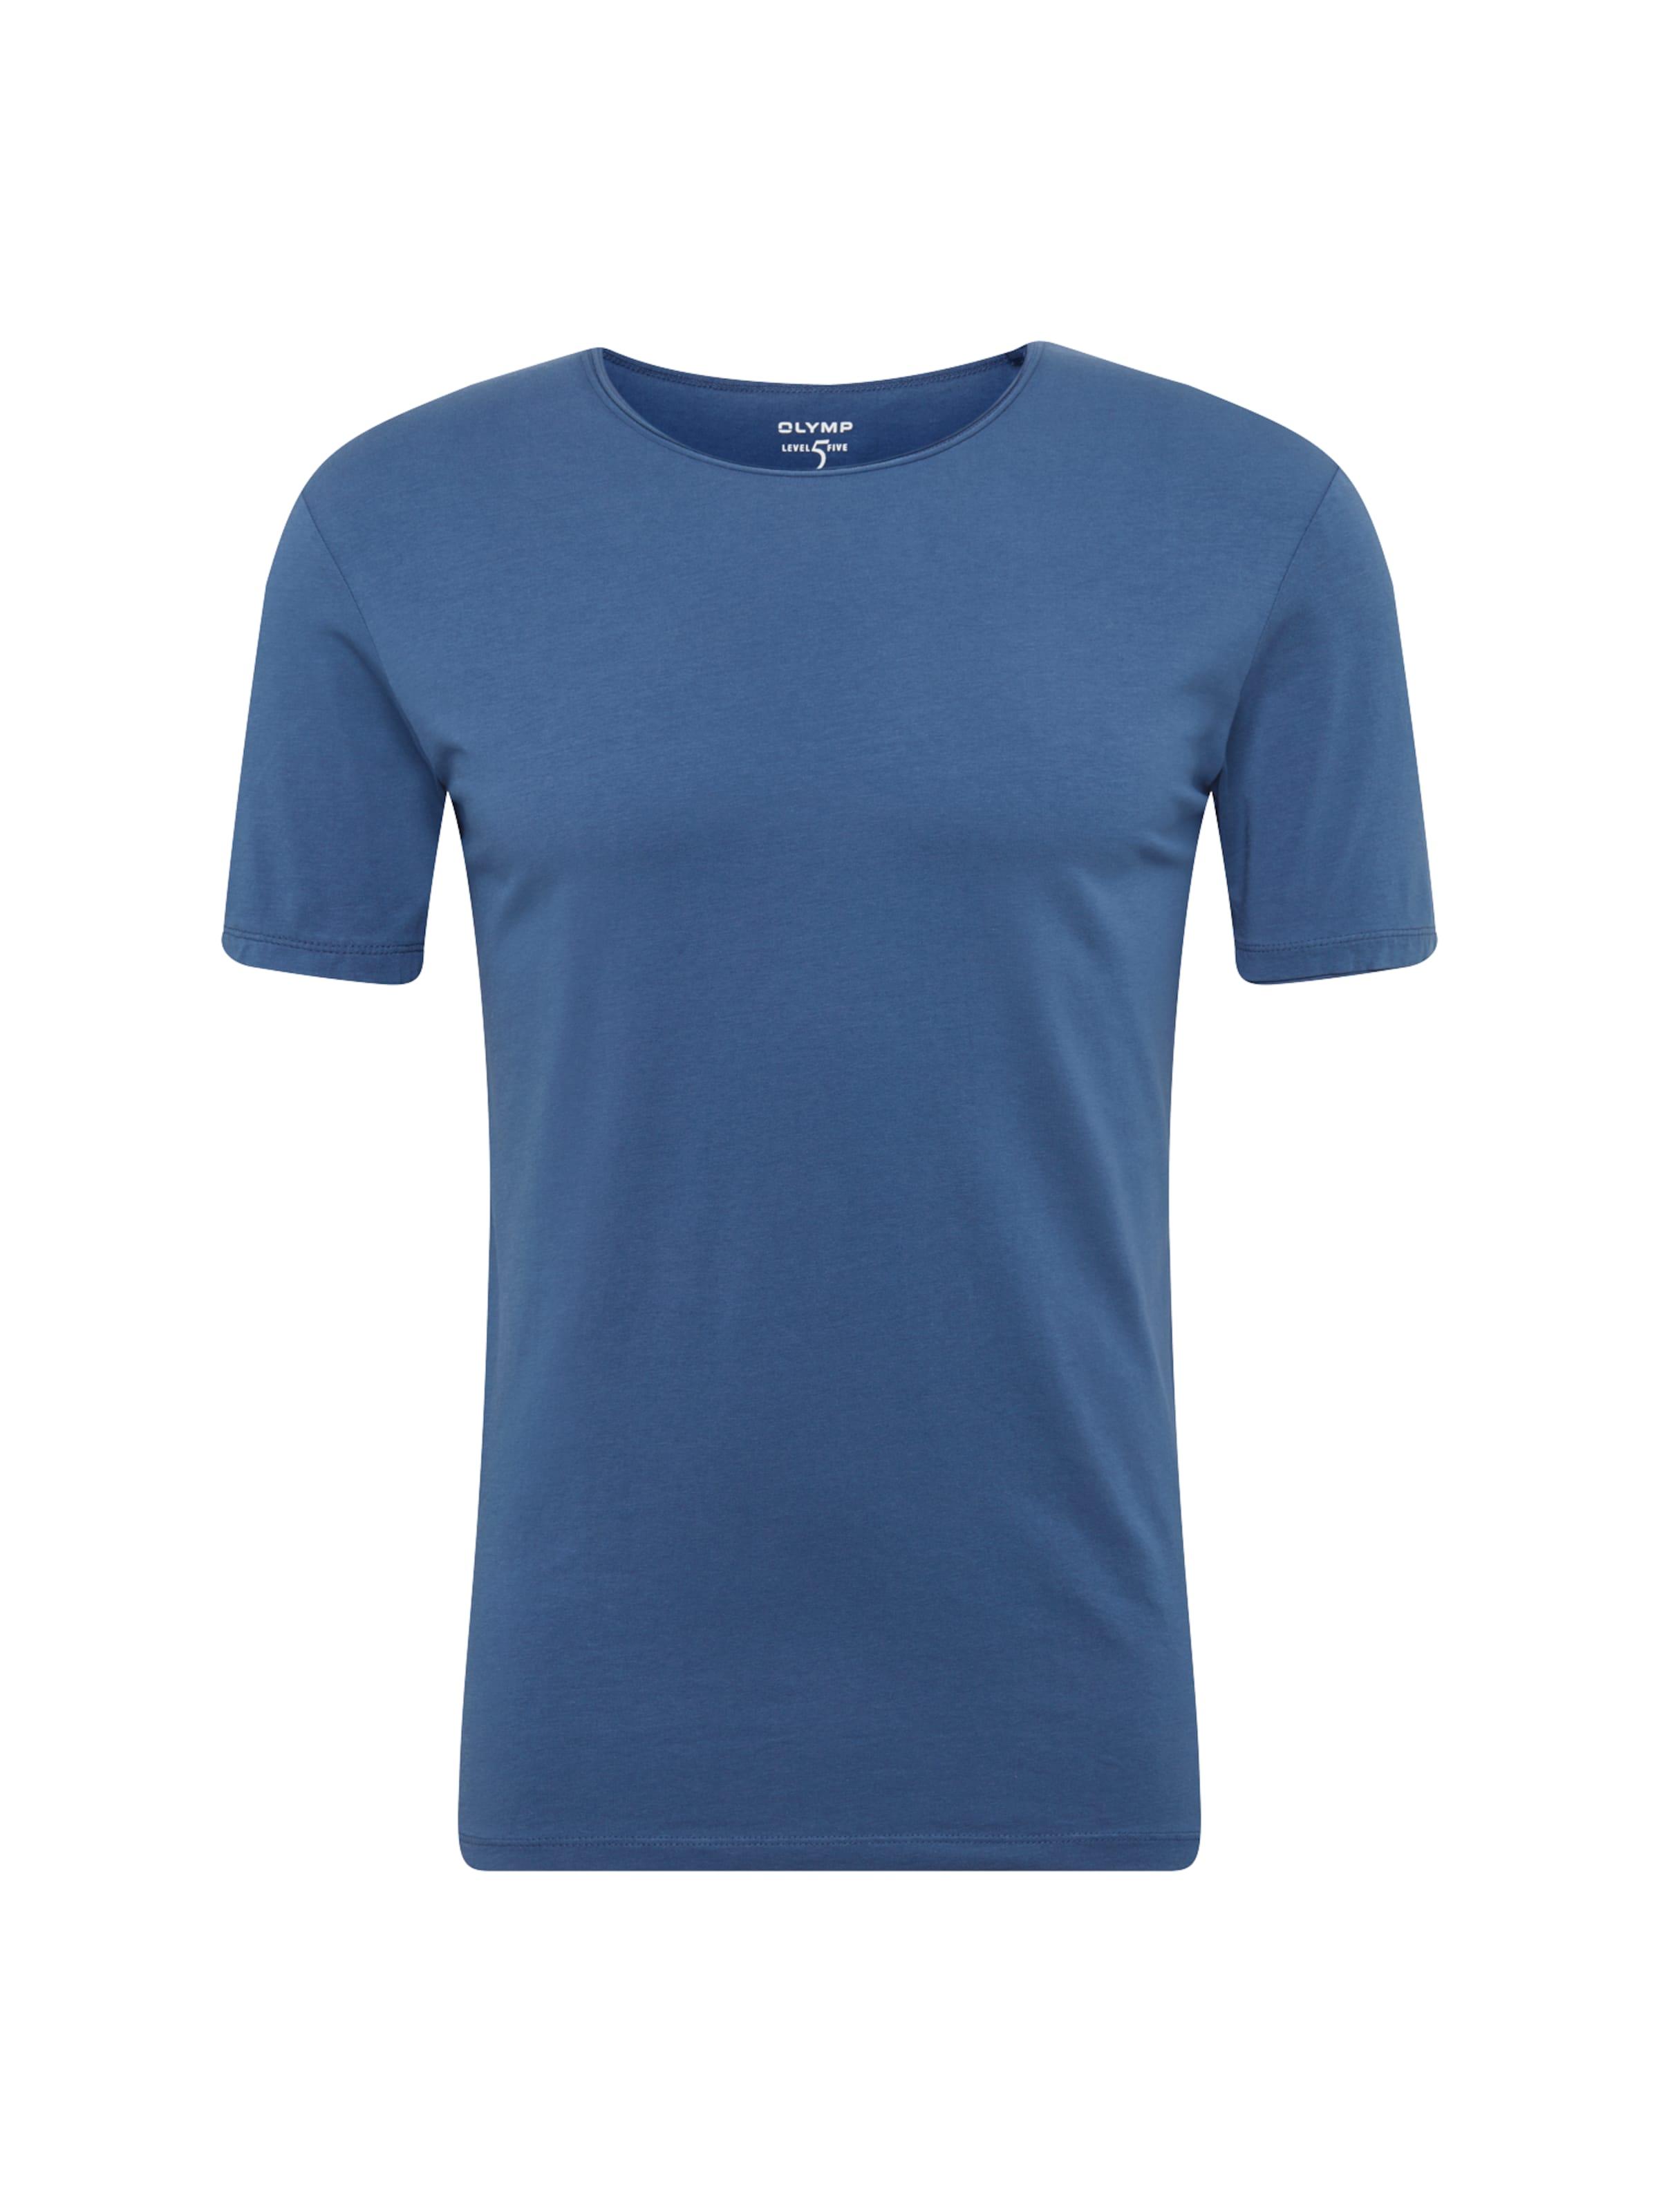 Olymp shirt Noir shirt Olymp T En Olymp T En En Noir T shirt vm80wOPnyN